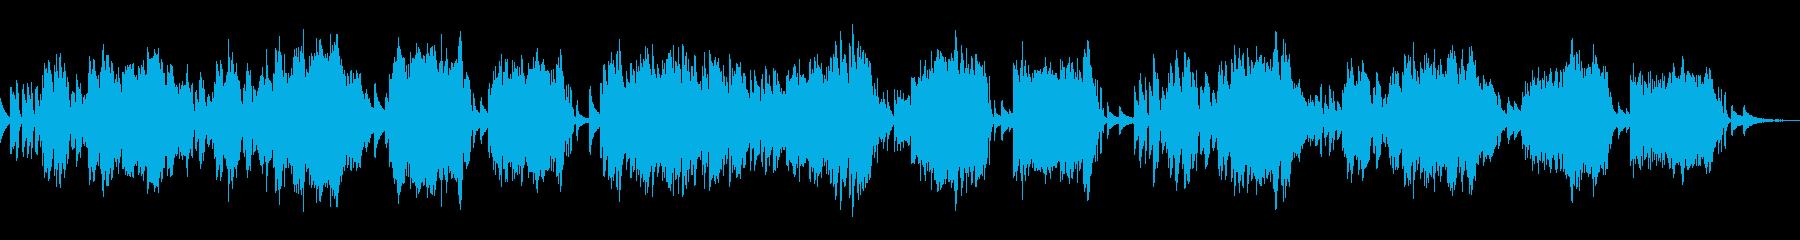 ワルツ第7番 Op.64-2/ショパンの再生済みの波形